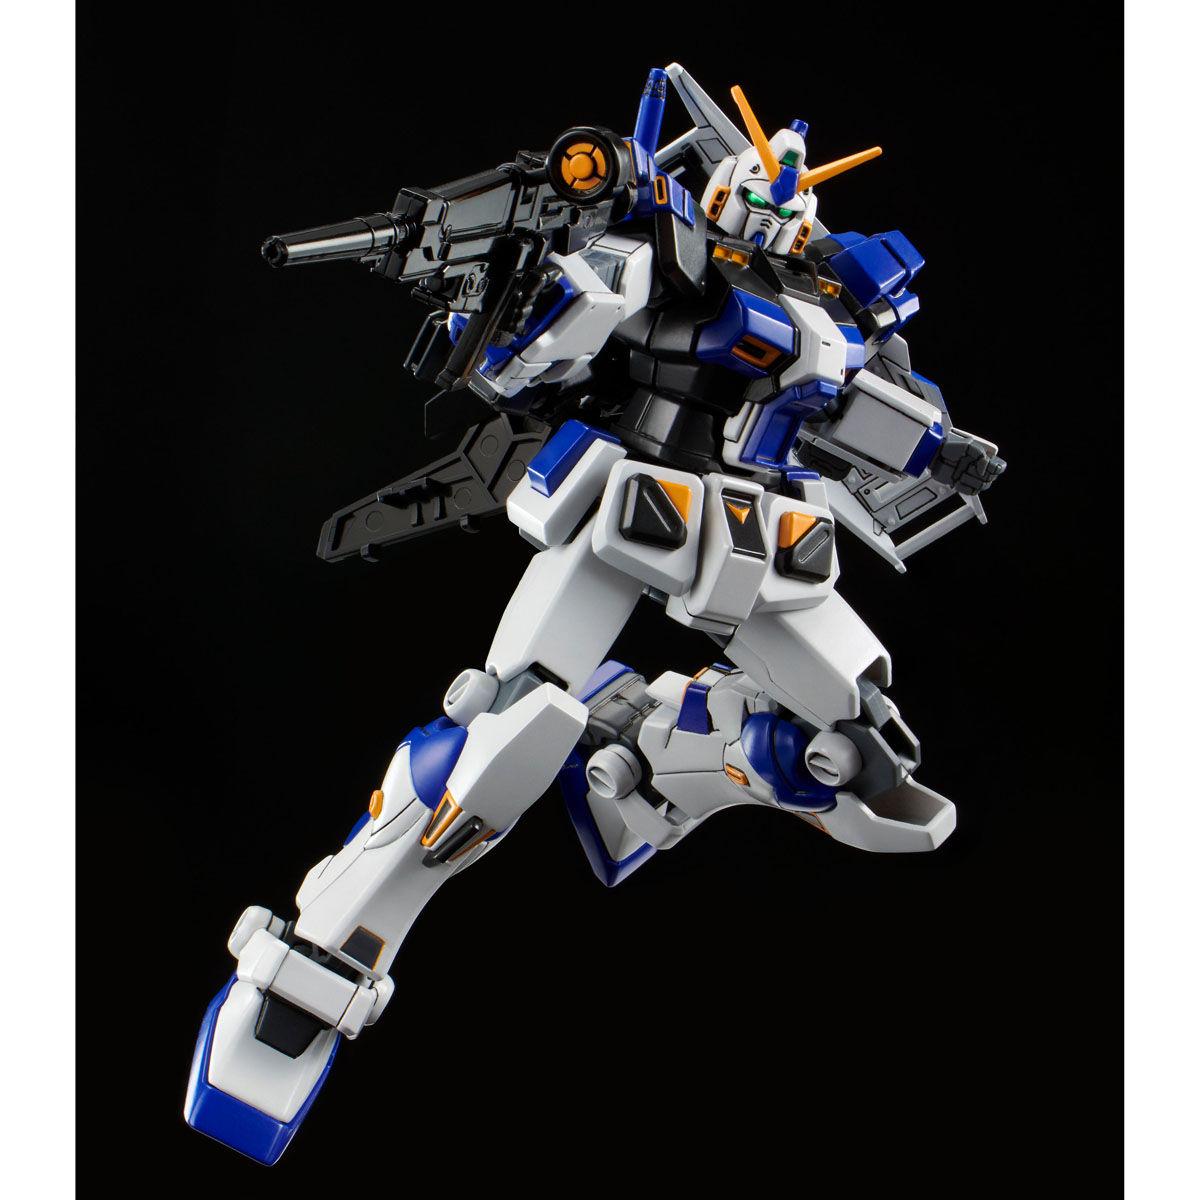 HG 1/144 GUNDAM G04 [July 2021 Delivery]